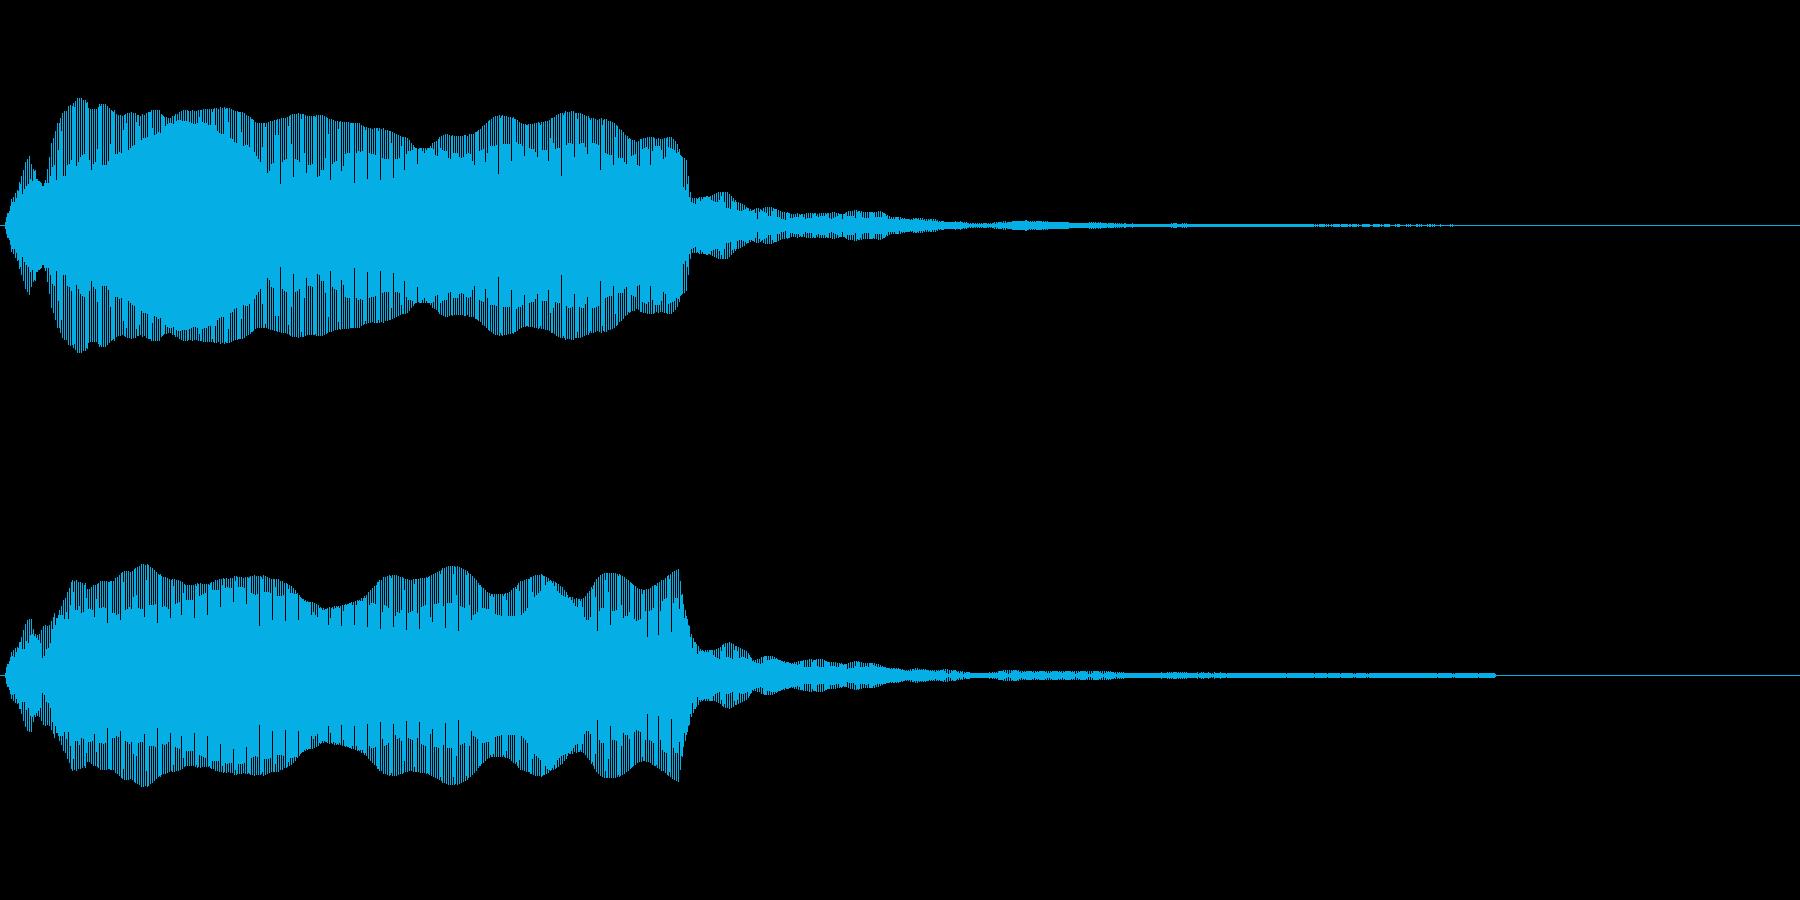 大型船が出発のときに鳴らす汽笛のような音の再生済みの波形